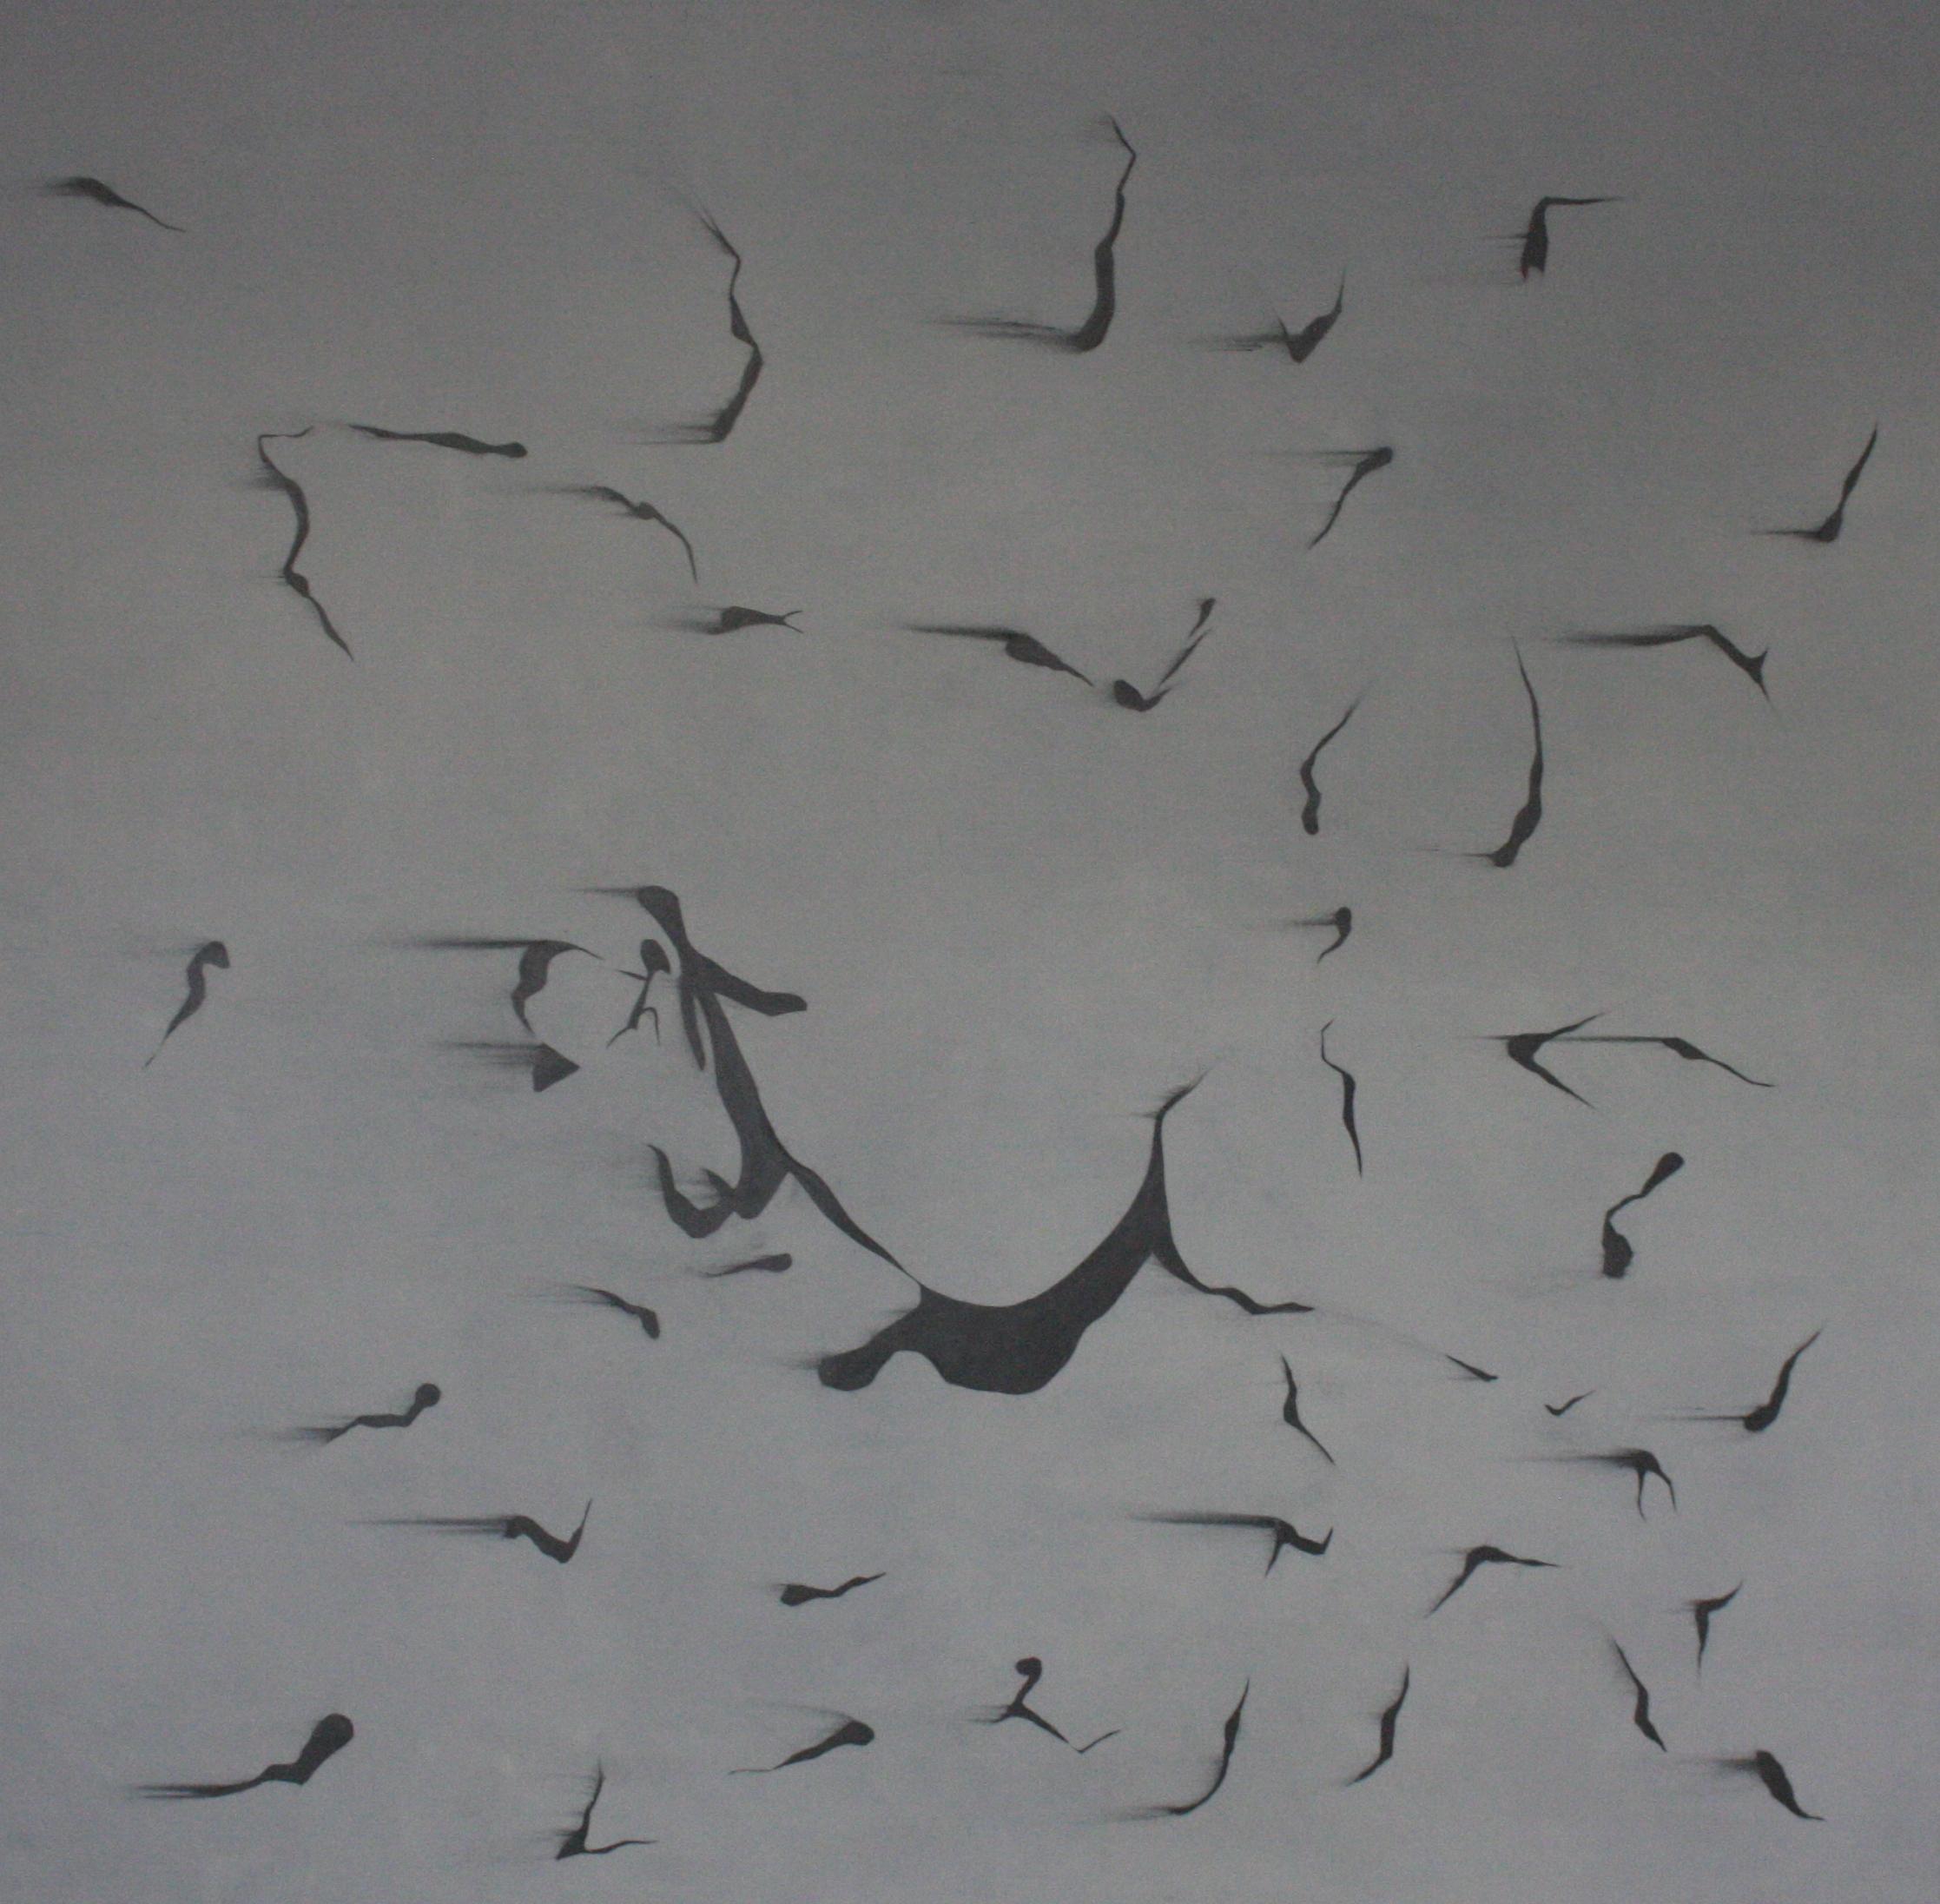 Petr Nikl, Smítky tváře, 2013, 196 x 200 cm, olej na pl., grafit